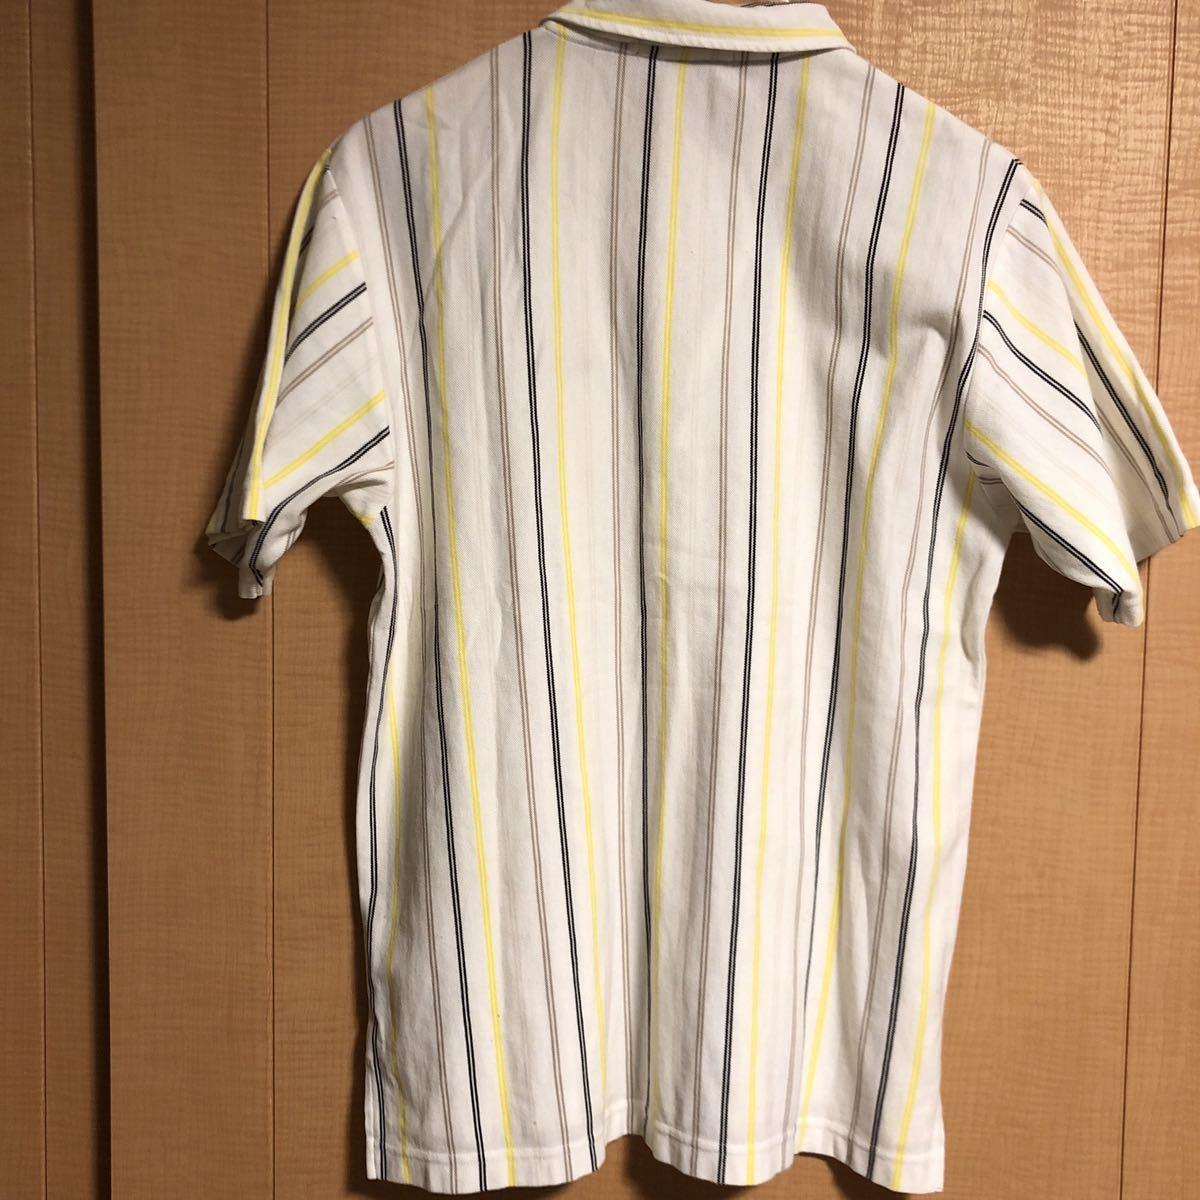 le coq sportif GOLF ルコック スポルティフ ゴルフ ハーフジップ ロゴ 半袖 ポロシャツ ストライプ メンズ SIZE L_画像3